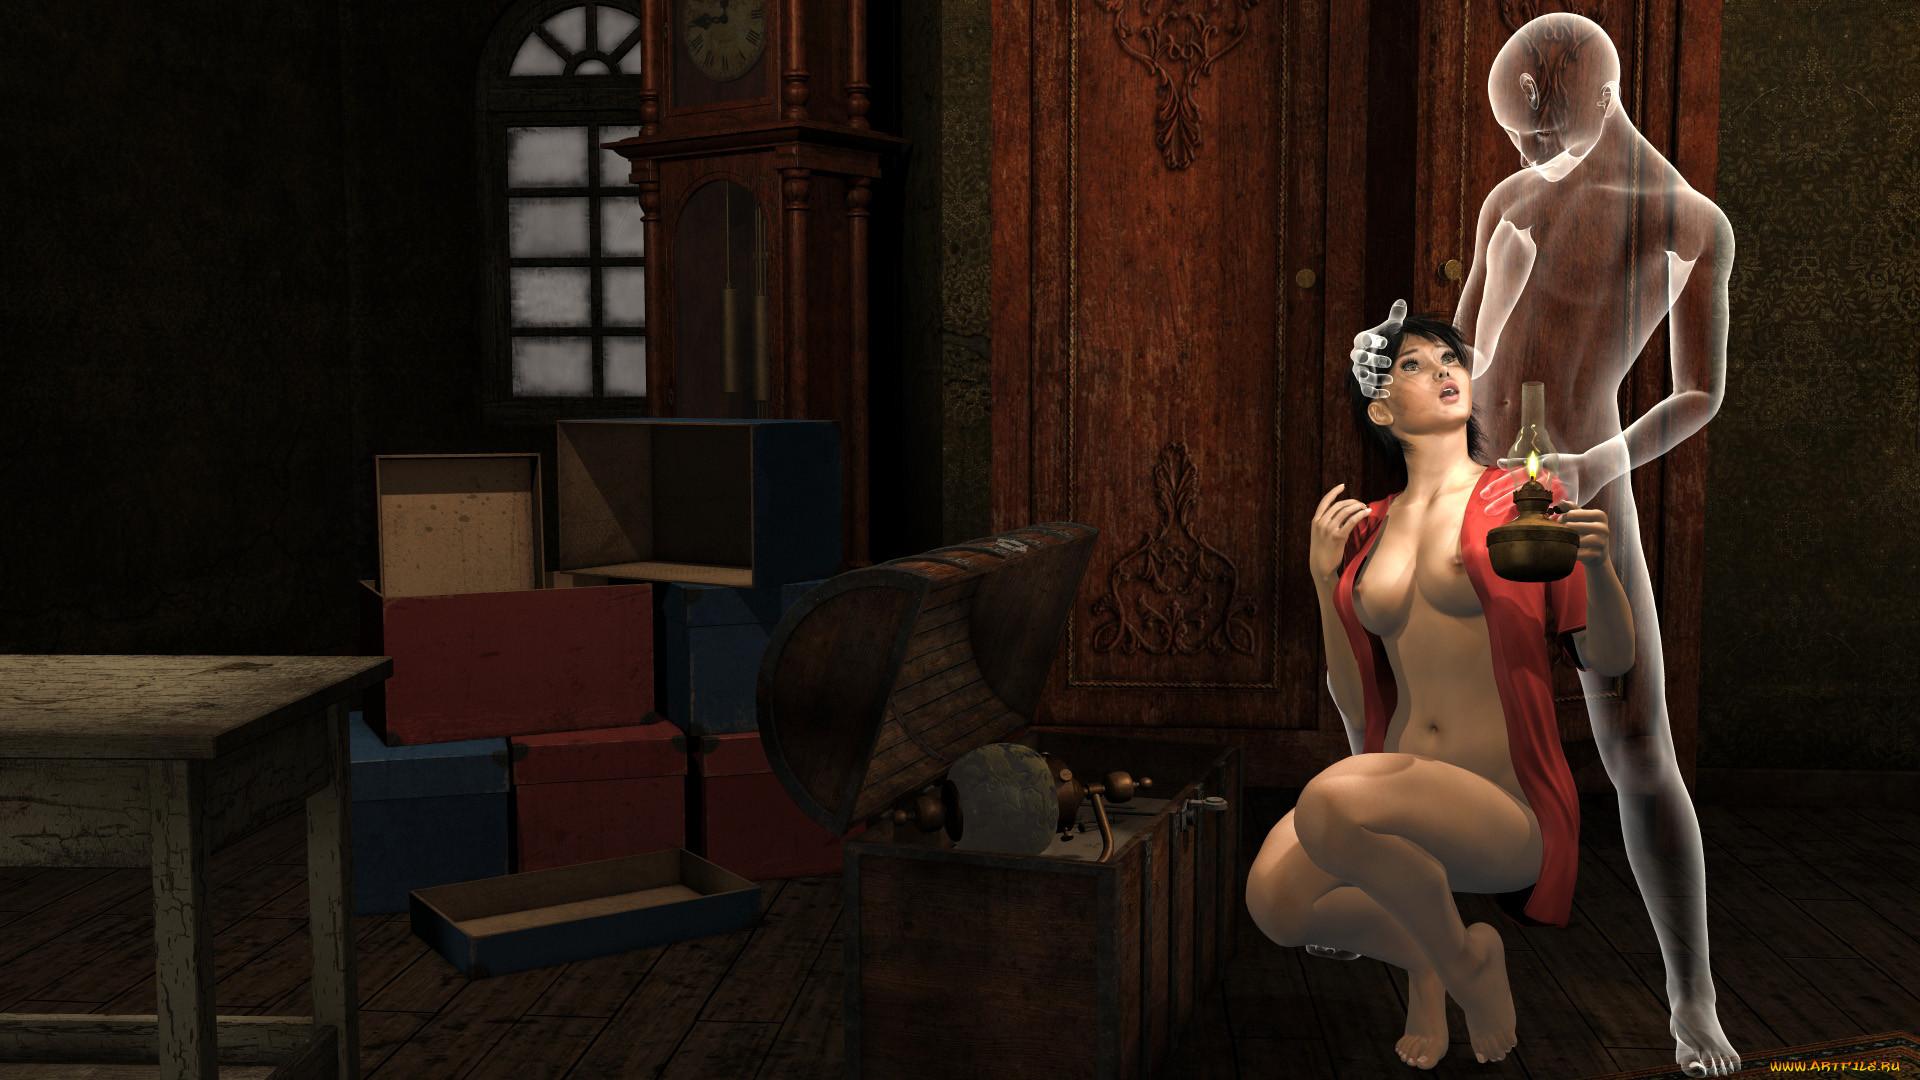 kartinki-siluet-erotika-16